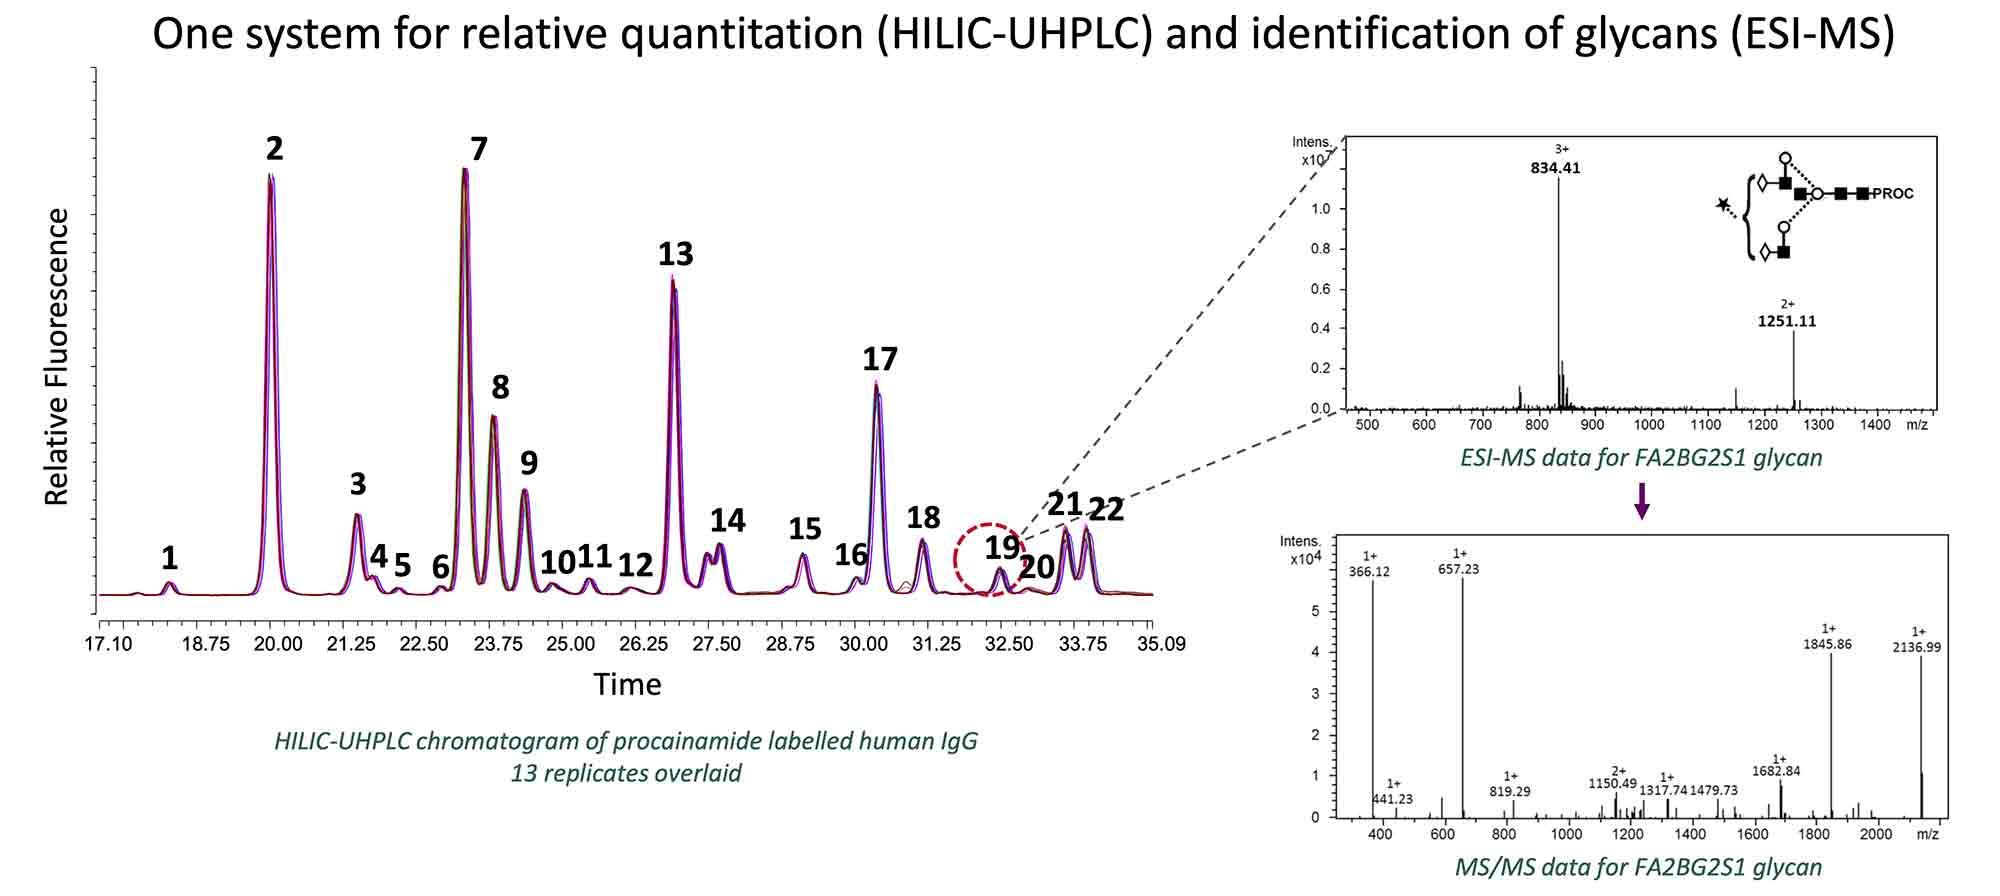 Procainamide LC-MS analysis of human IgG